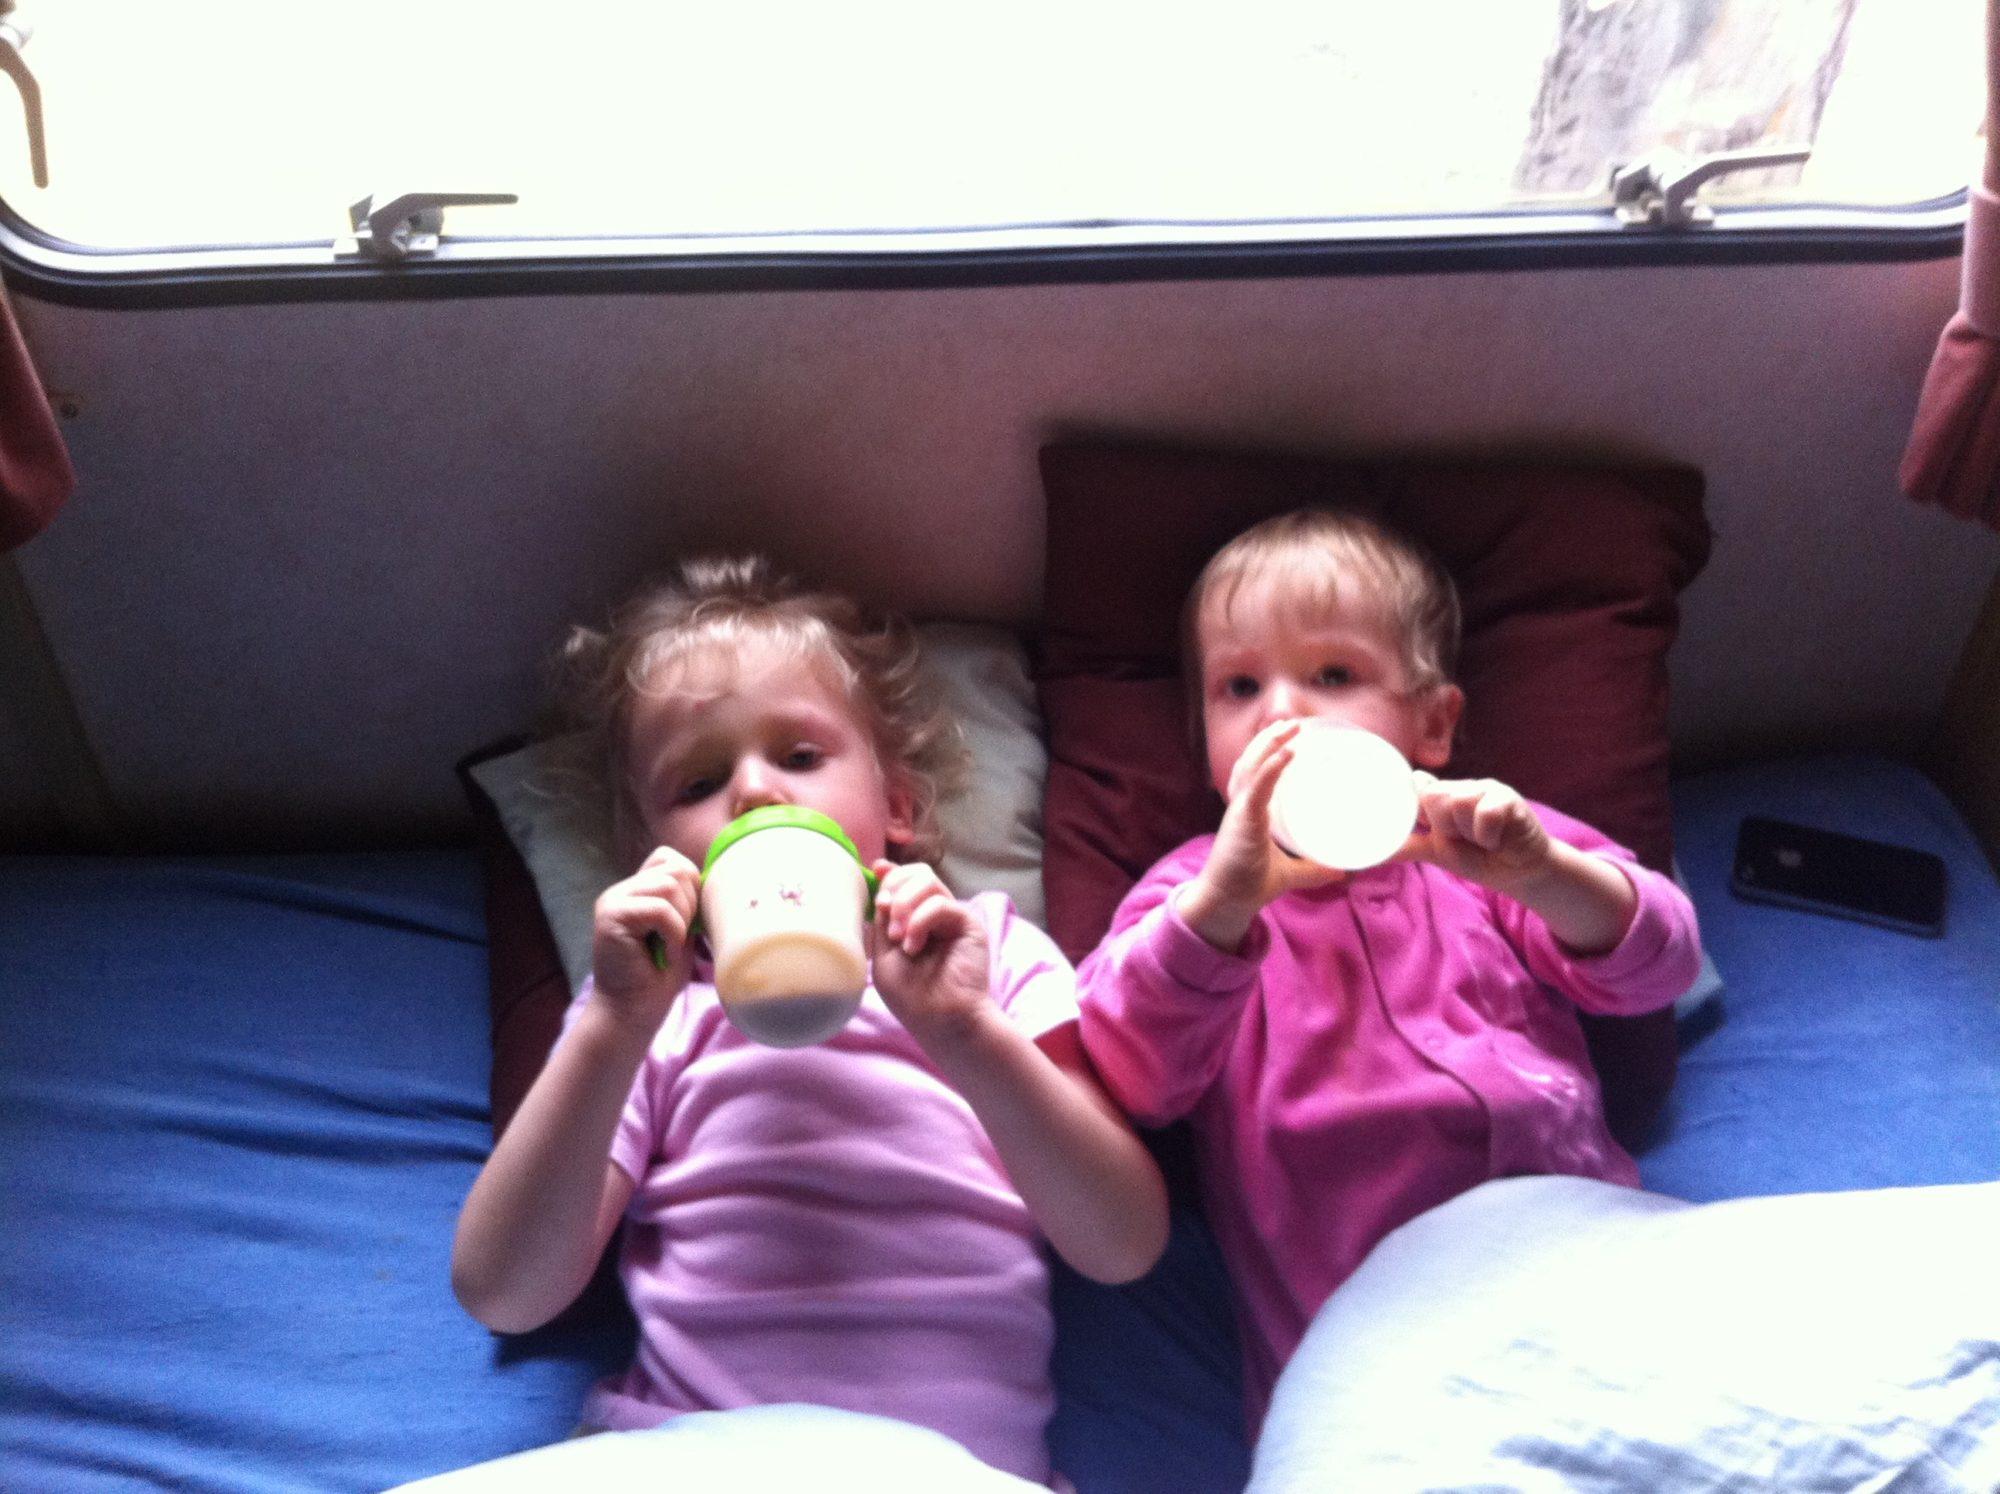 Our girls drinking milk